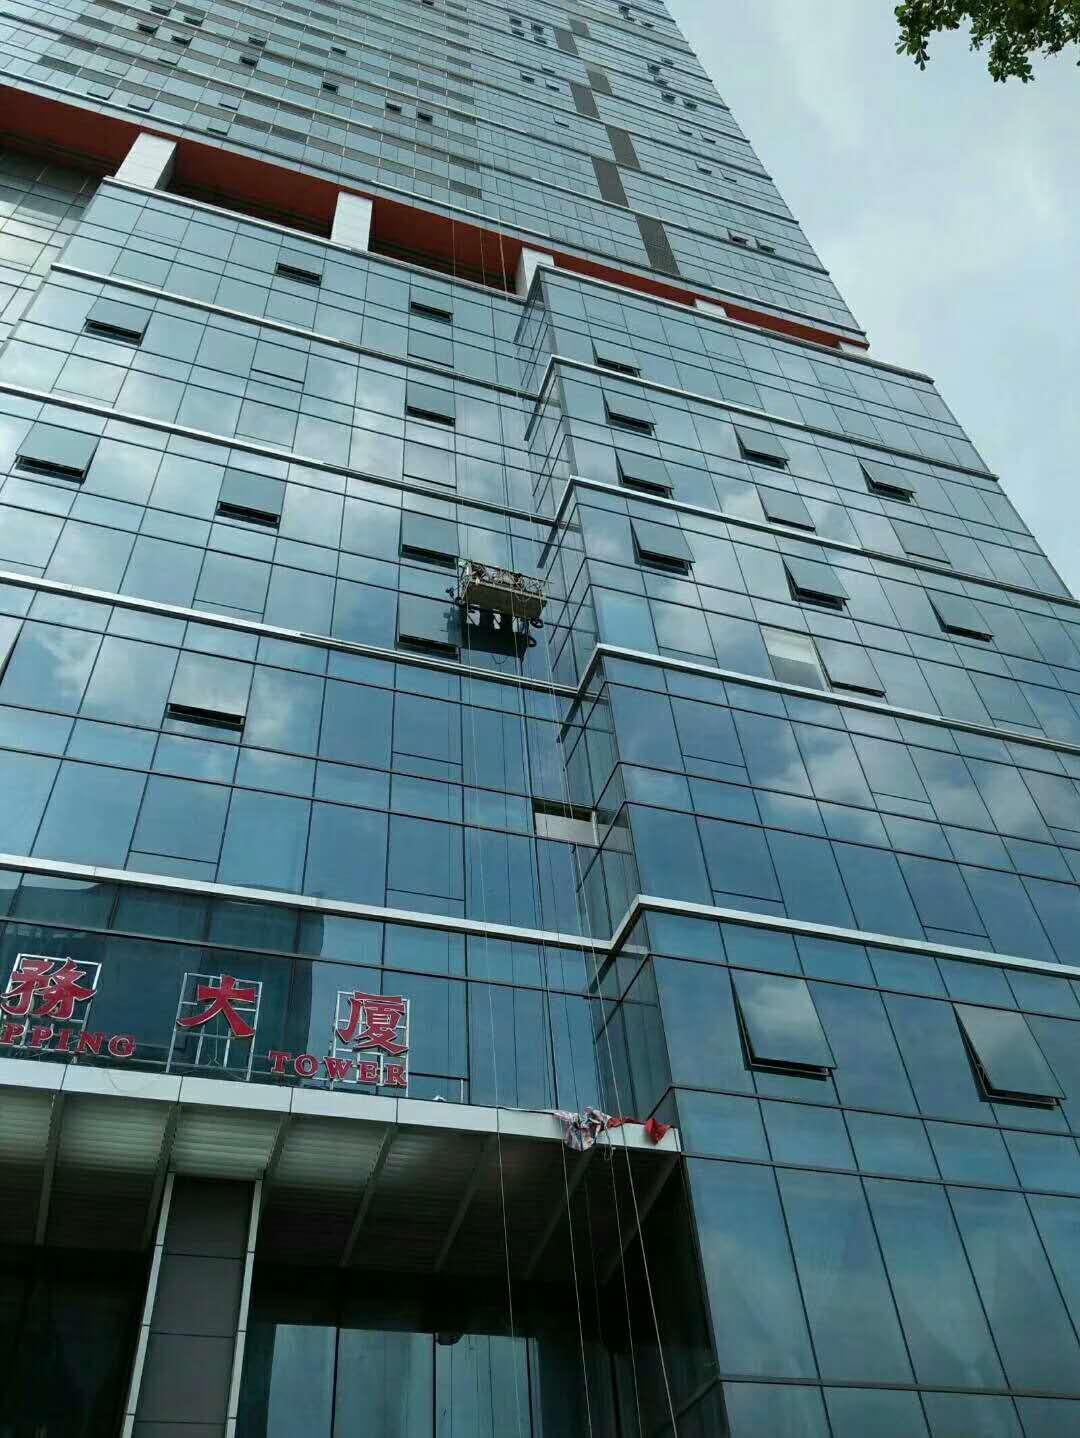 玻璃幕墙工程包维修安装——可信赖的幕墙玻璃安装清洗推荐